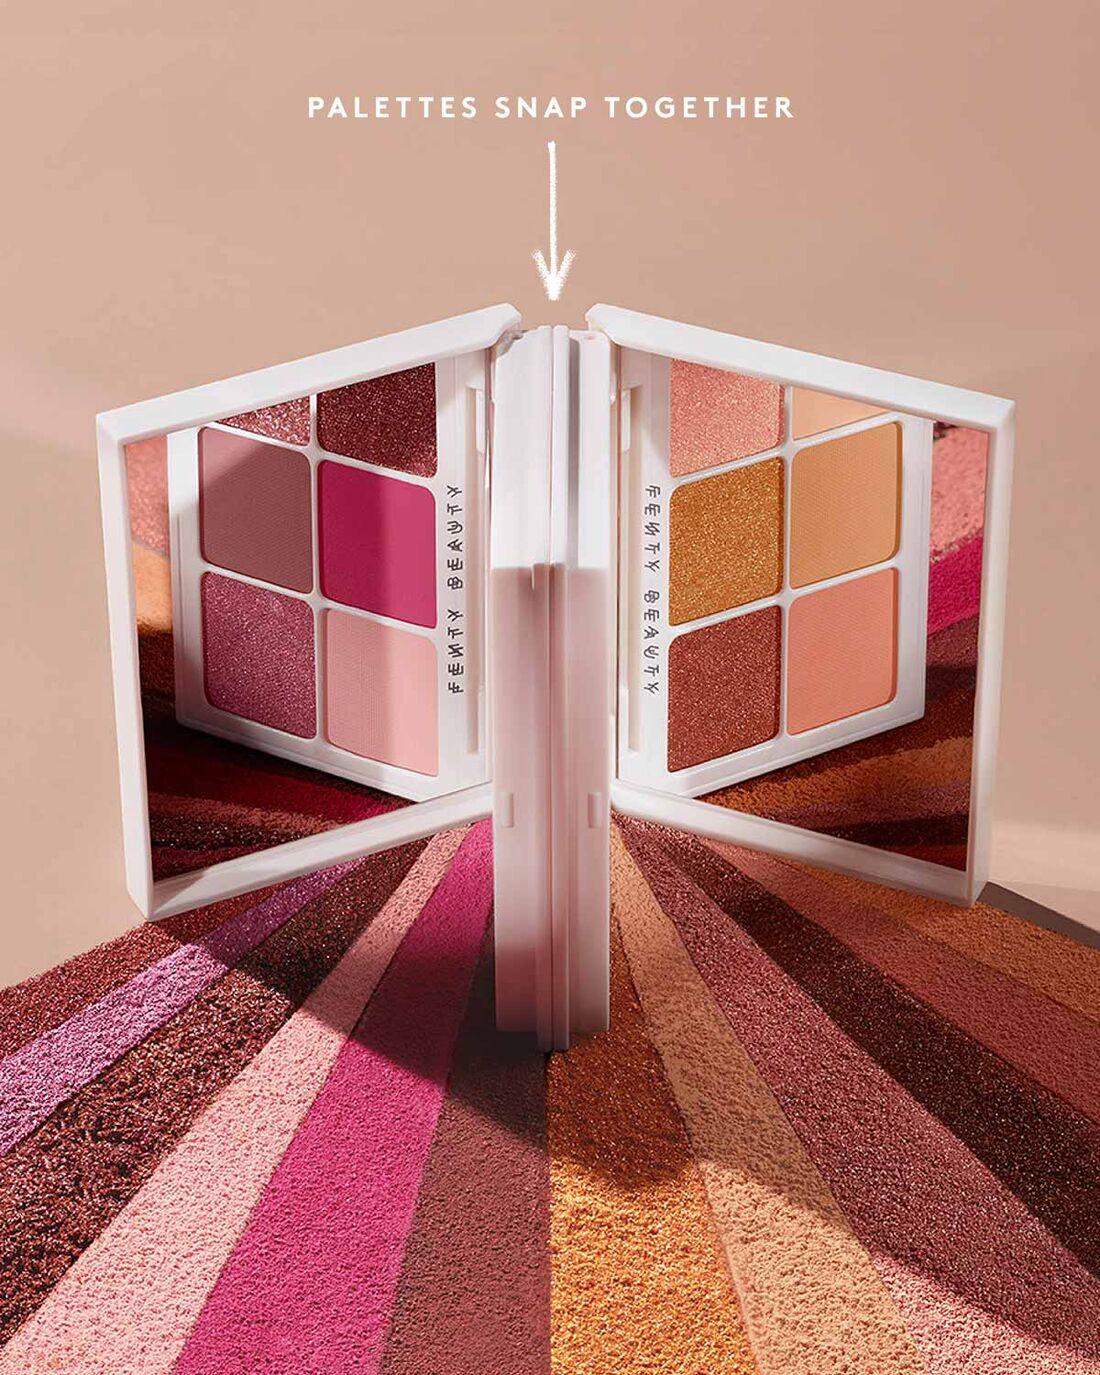 Fenty Beauty Snap Shadows Mix & Match Eyeshadow Palettes